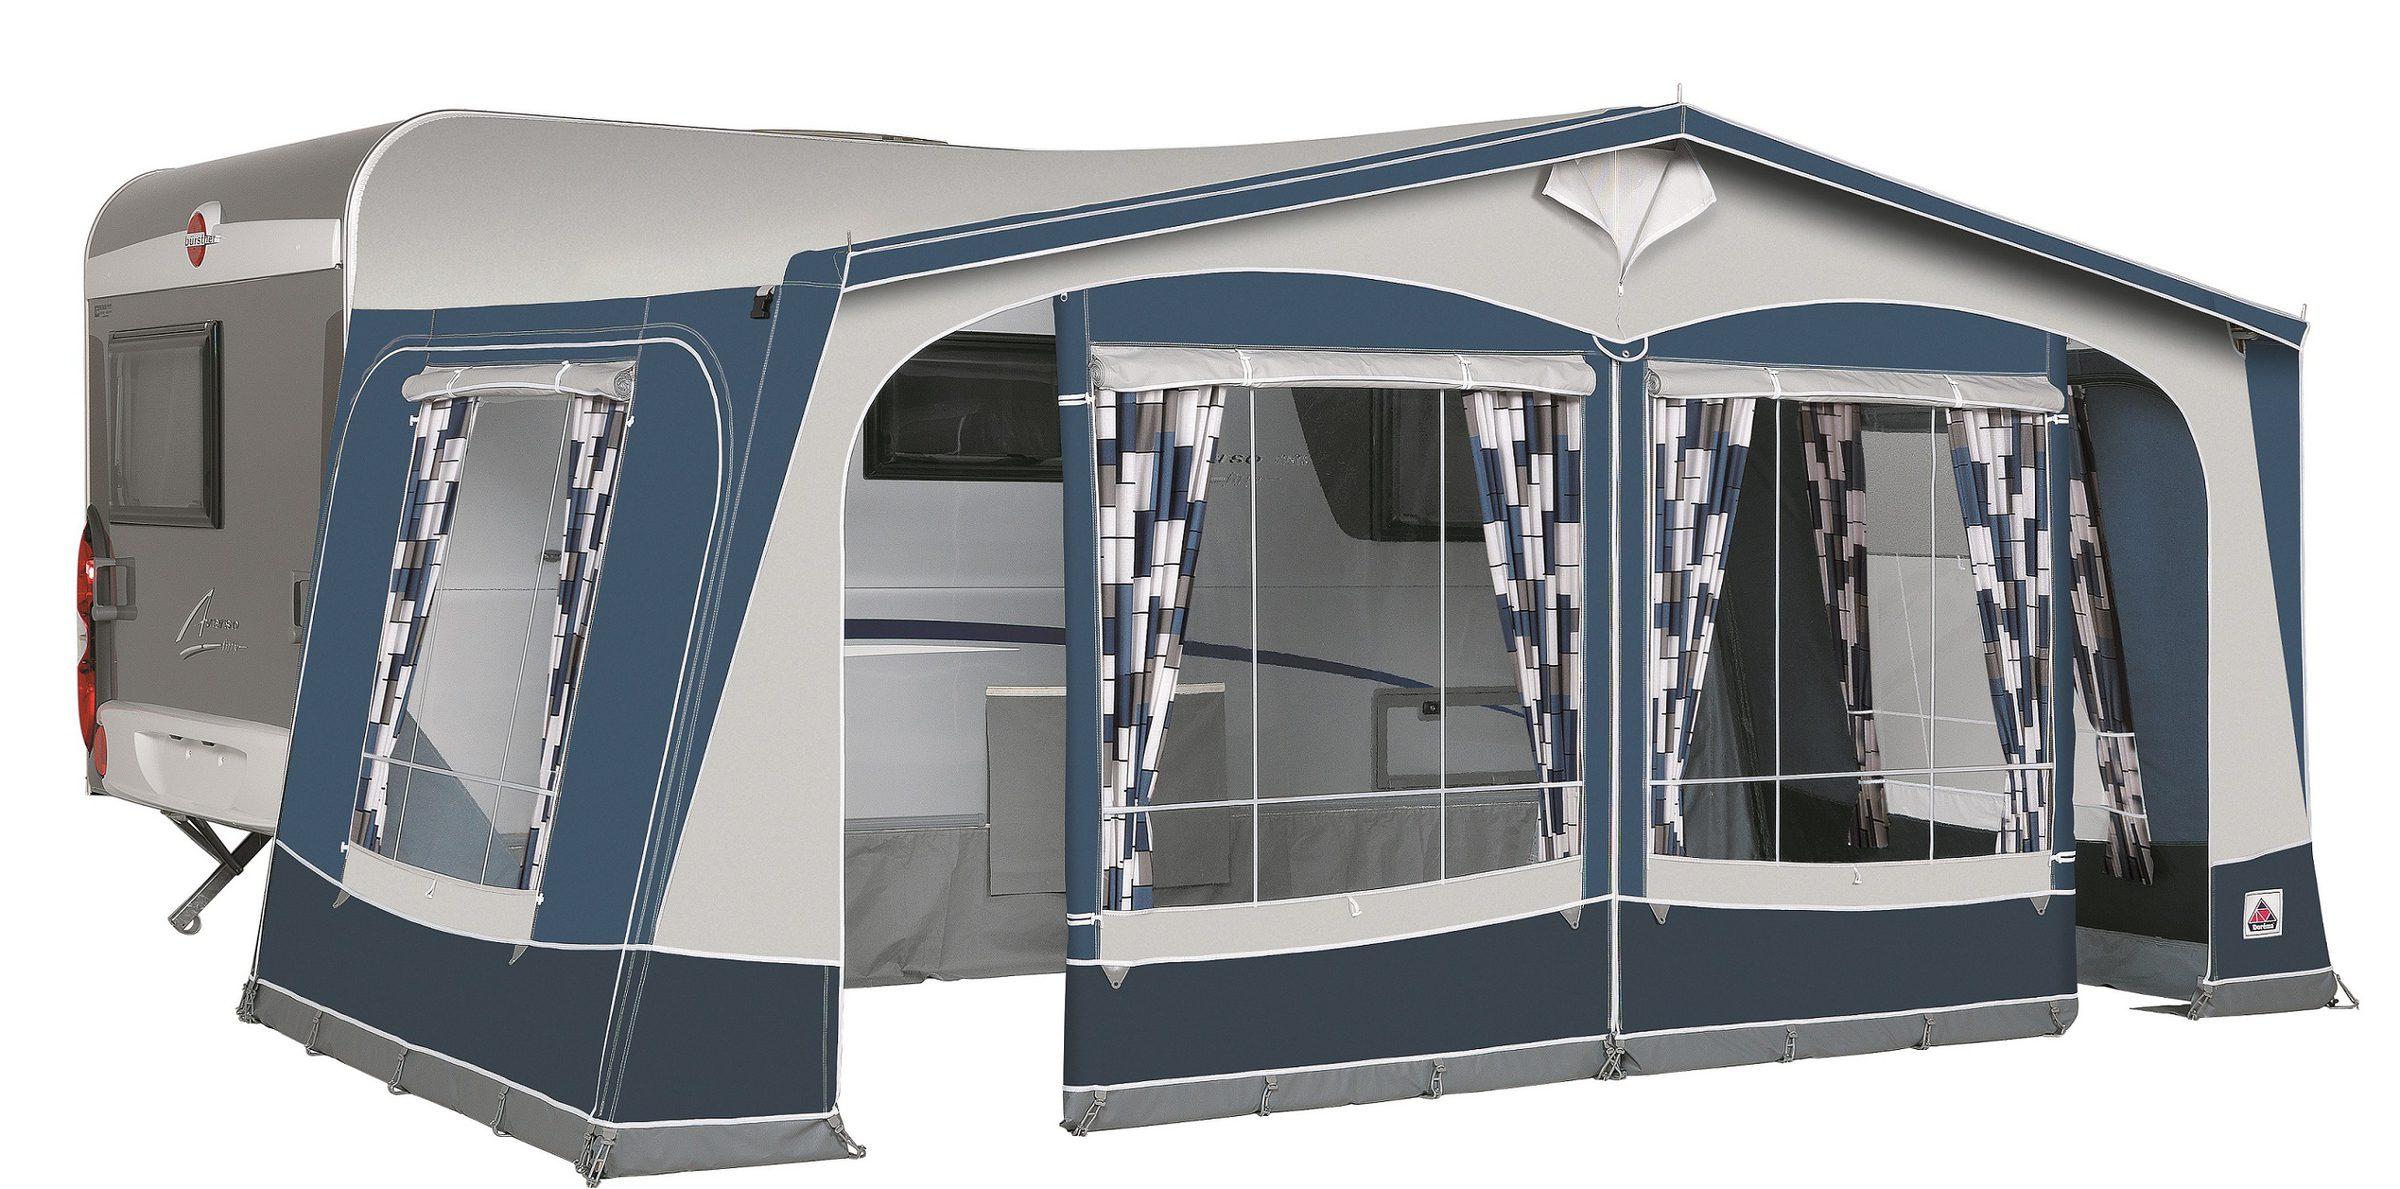 Dorema Garda 240 De Luxe Caravan Awning 2016